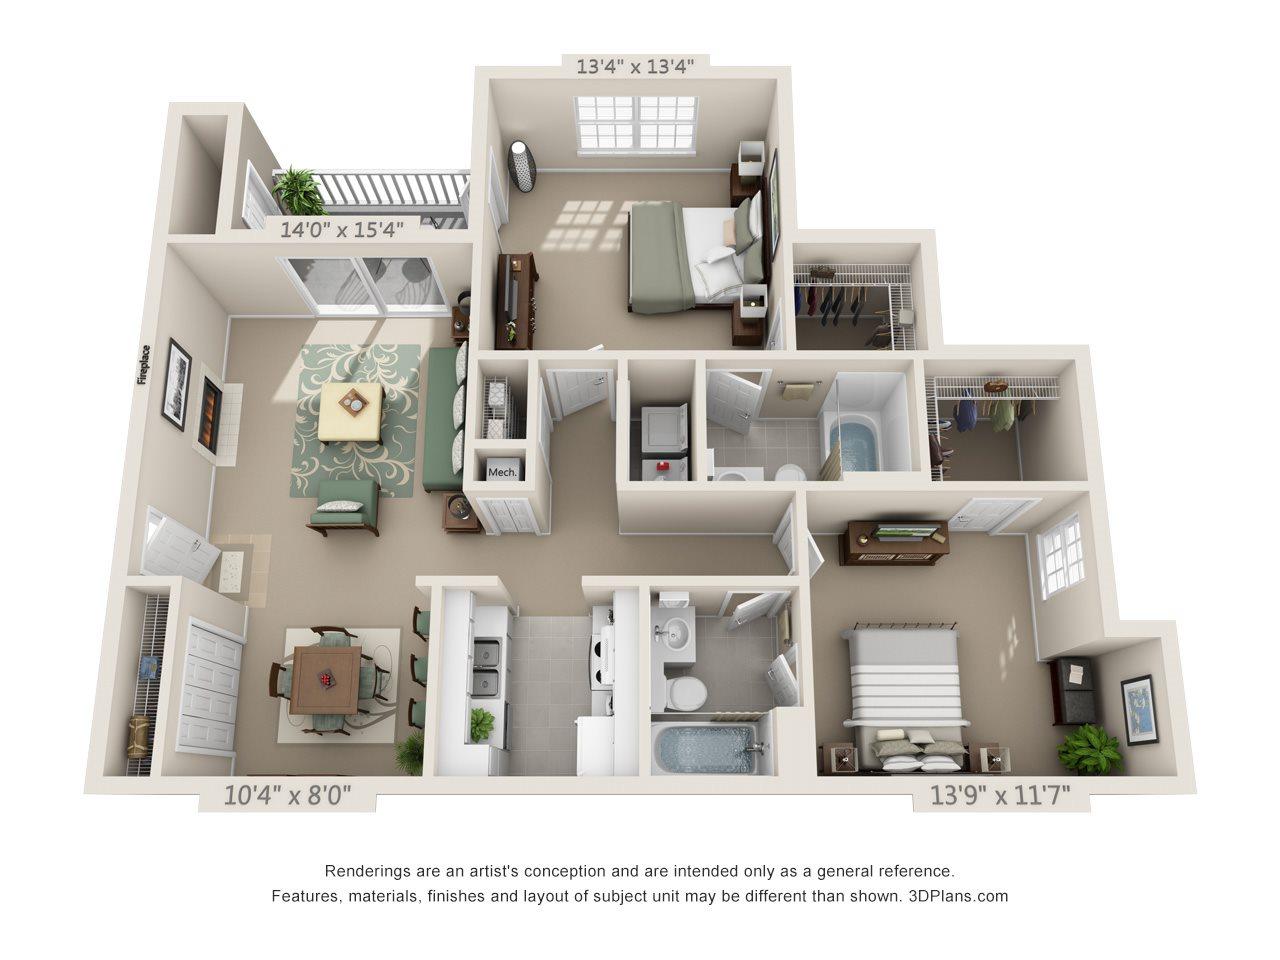 Georgetown Place Apartments Floor Plans: Floor Plans Of Georgetown Crossing In Savannah, GA